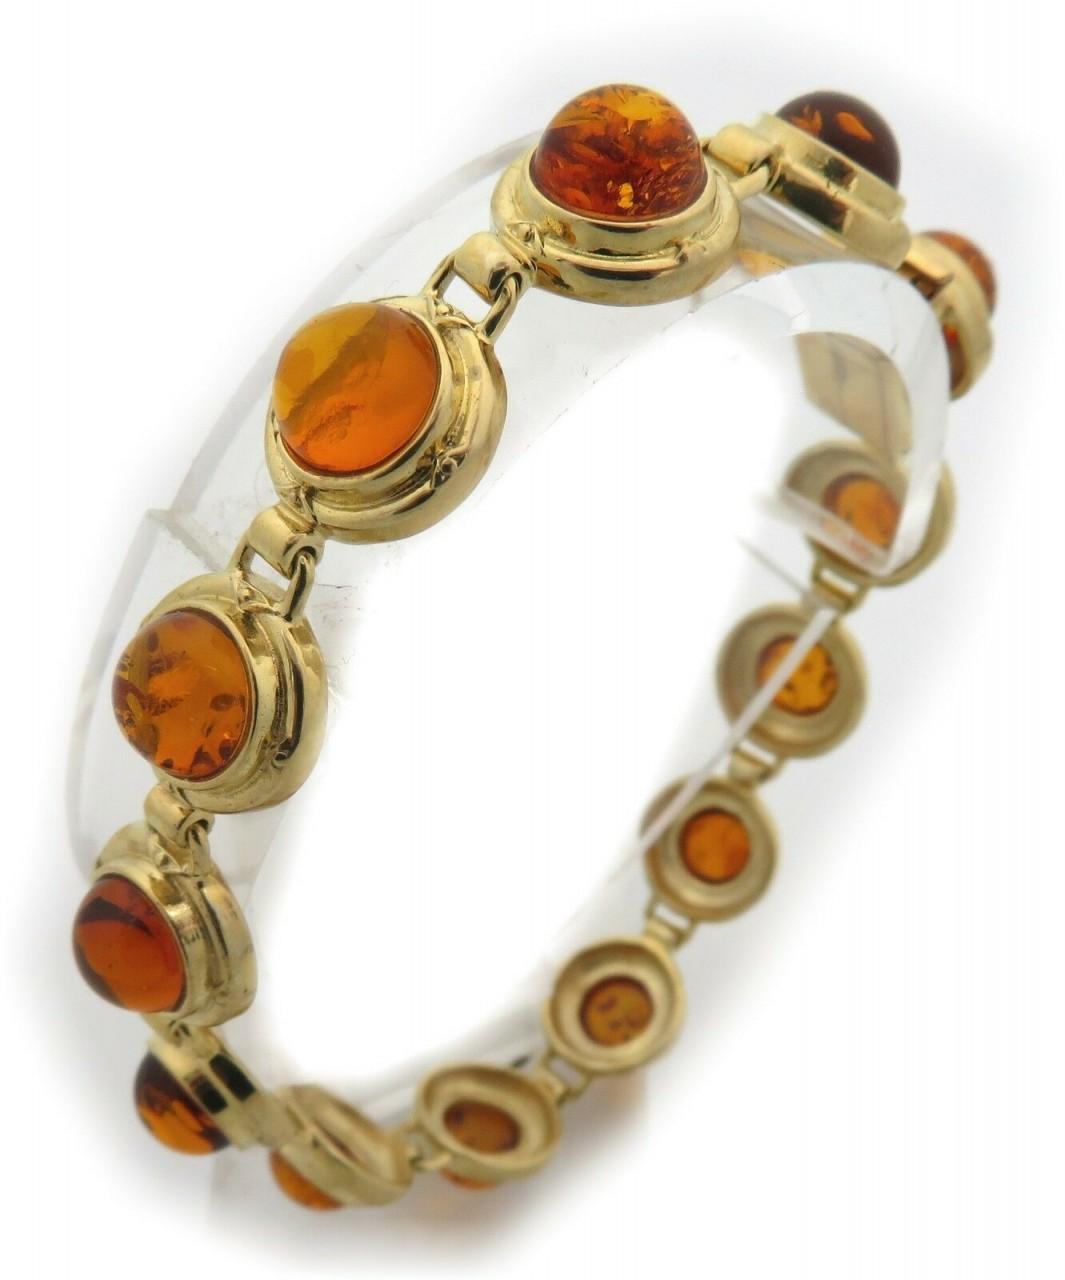 Armband echt Bernstein in echt Gold 585 14kt Bernsteinarmband Gelbgold Qualität